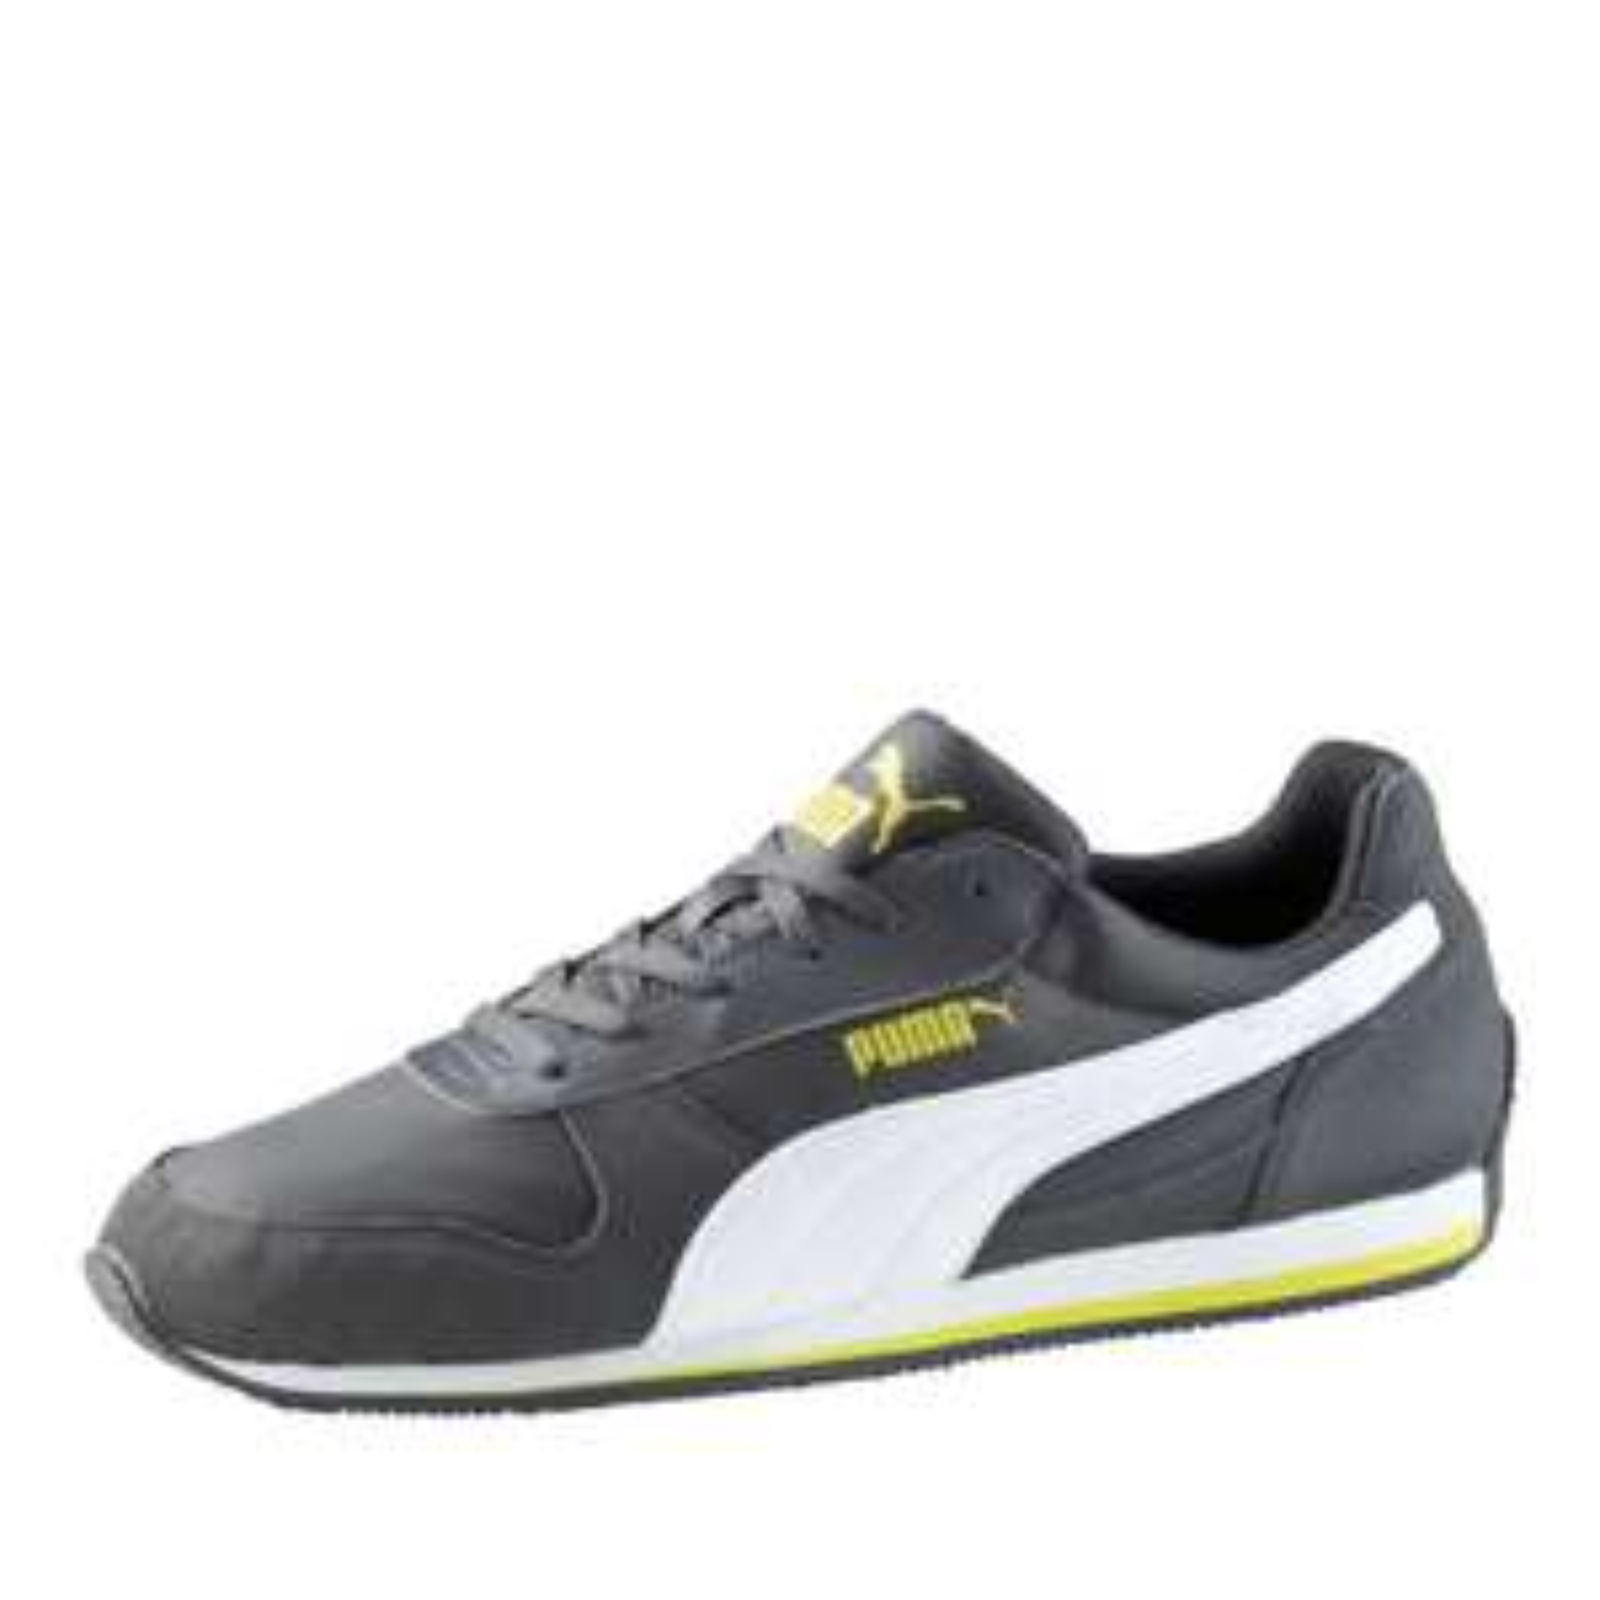 Jusqu'à 60% de réduction sur une sélection d'article Puma - Ex : Chaussures Sneakers Sport Classics Unisexe